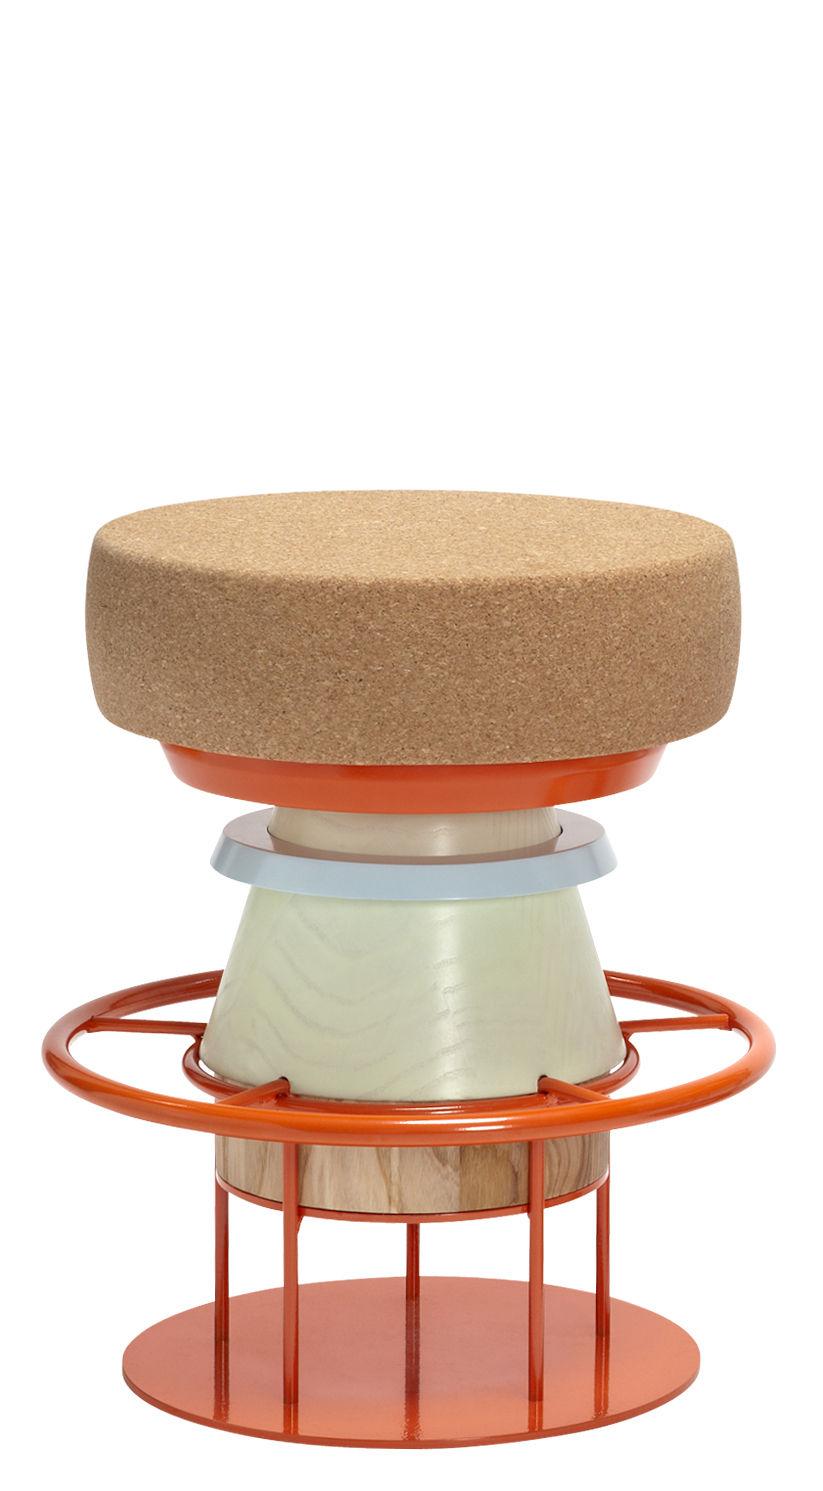 cork furniture. Cork Furniture H